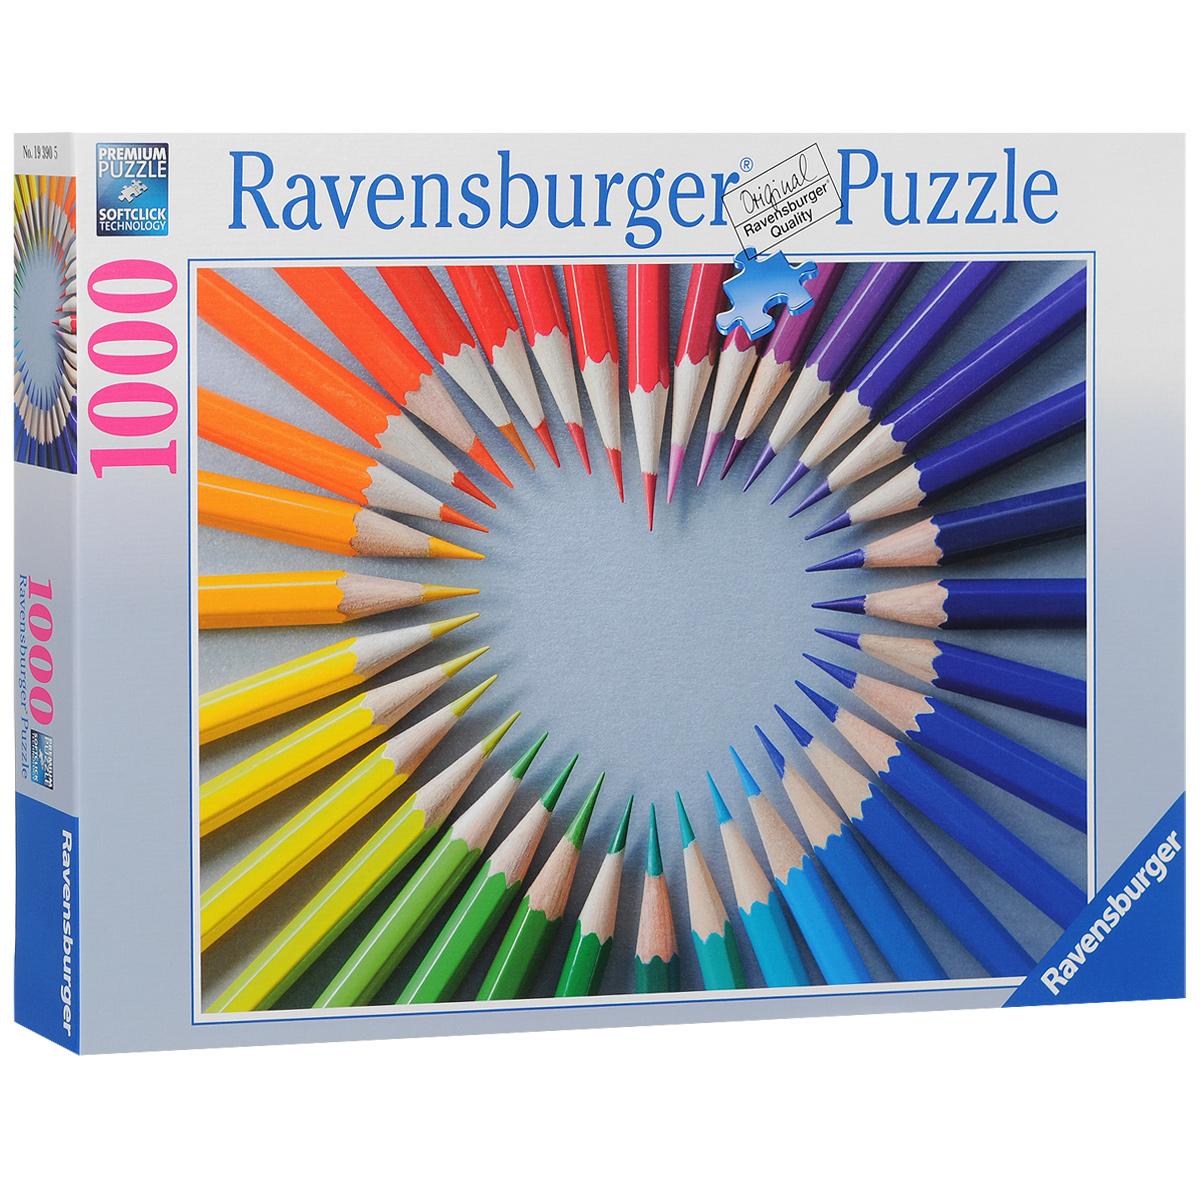 Ravensburger Цветное сердце. Пазл, 1000 элементов193905Пазл Ravensburger Цветное сердце, без сомнения, придется вам по душе. Собрав этот пазл, включающий в себя 1000 элементов, вы получите великолепную картину с изображением сердца из цветных карандашей. Каждая деталь имеет свою форму и подходит только на своё место. Нет двух одинаковых деталей! Пазл изготовлен из картона высочайшего качества. Все изображения аккуратно отсканированы и напечатаны на ламинированной бумаге. Пазл - великолепная игра для семейного досуга. Сегодня собирание пазлов стало особенно популярным, главным образом, благодаря своей многообразной тематике, способной удовлетворить самый взыскательный вкус. А для детей это не только интересно, но и полезно. Собирание пазла развивает мелкую моторику у ребенка, тренирует наблюдательность, логическое мышление, знакомит с окружающим миром, с цветом и разнообразными формами.